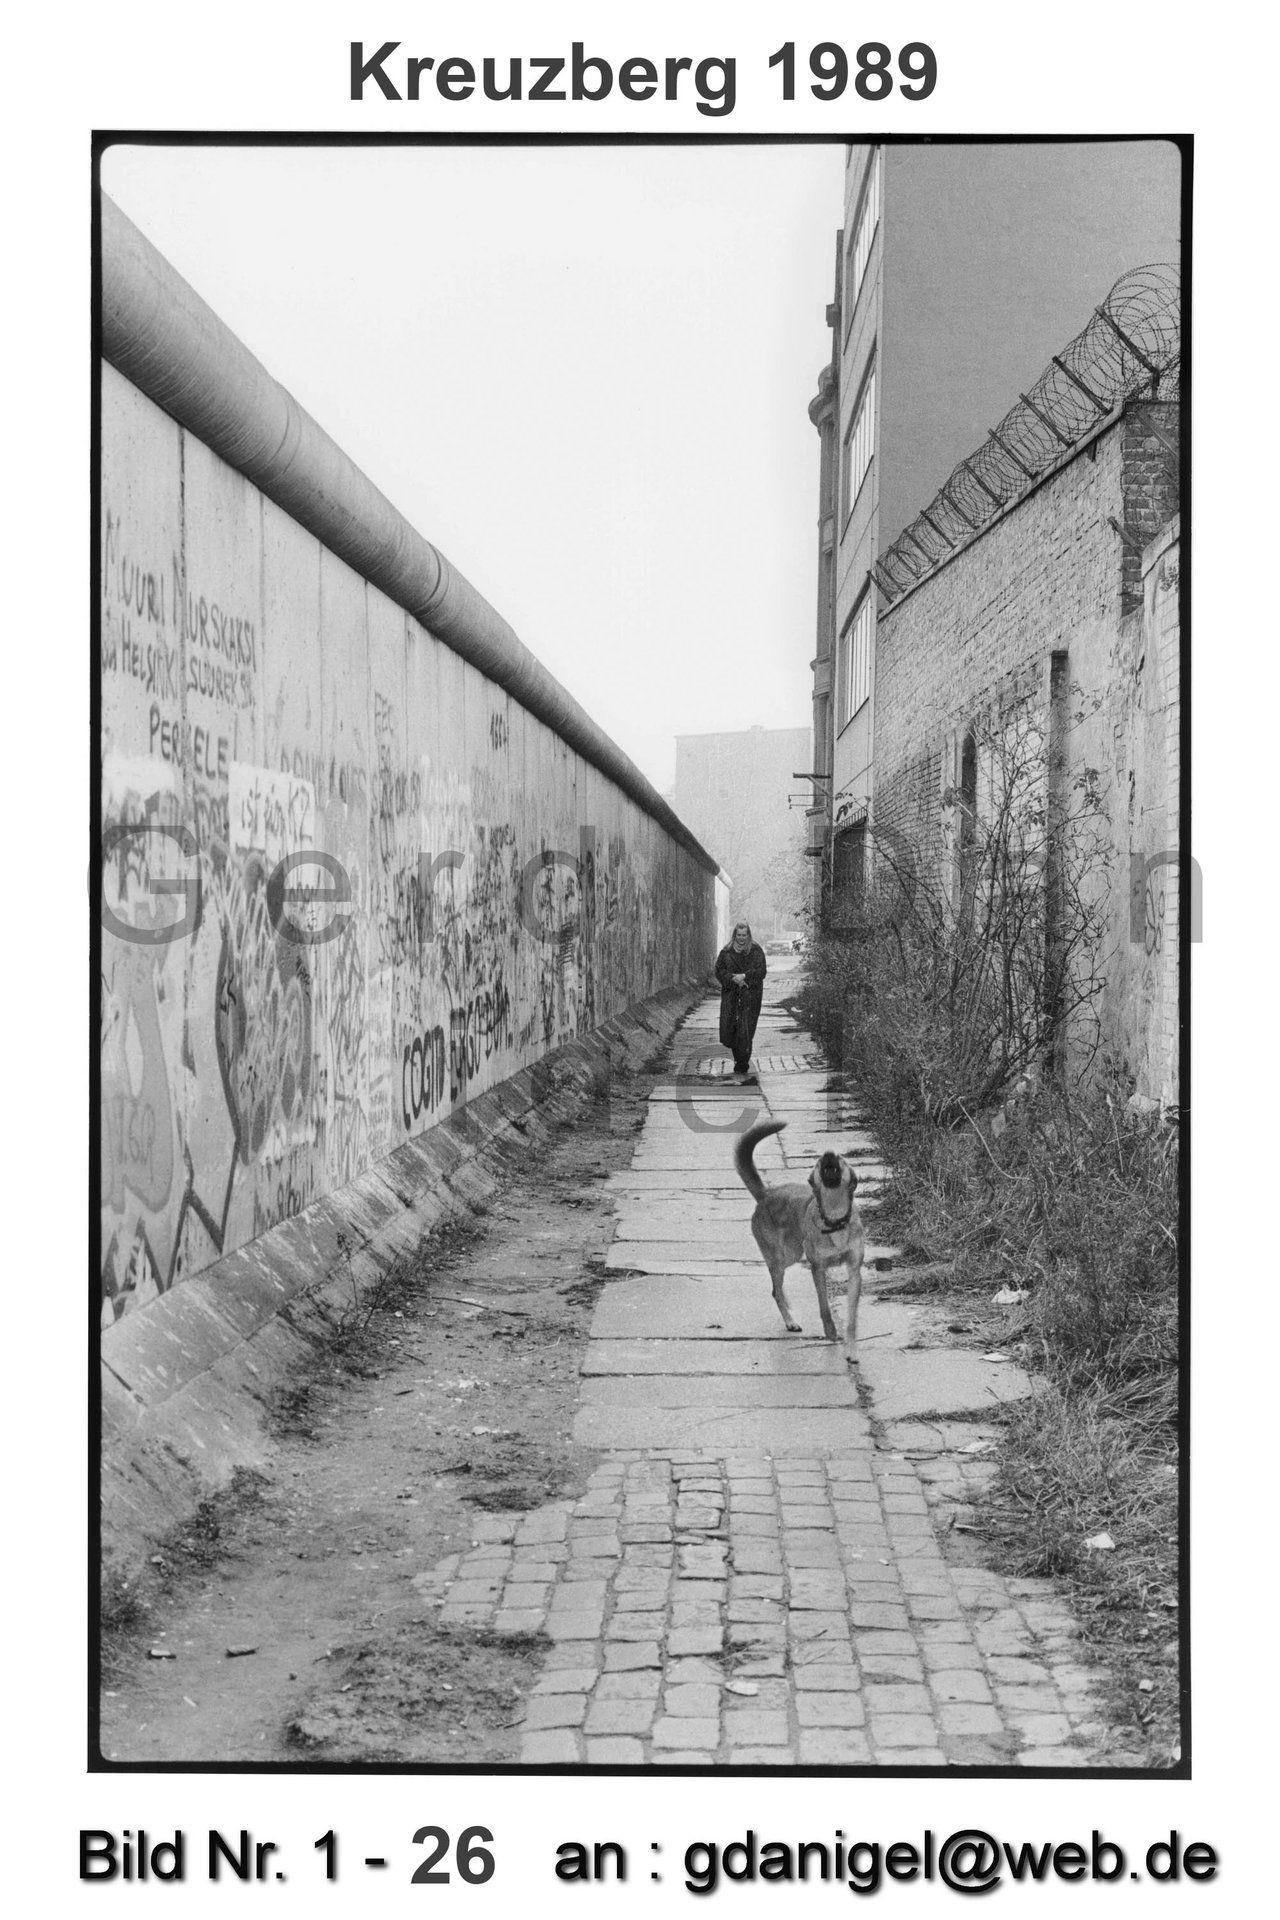 Web De Online Speicher Bildarchiv Mit 1660 Photographien Berliner Mauer Berlin Geschichte Bilder